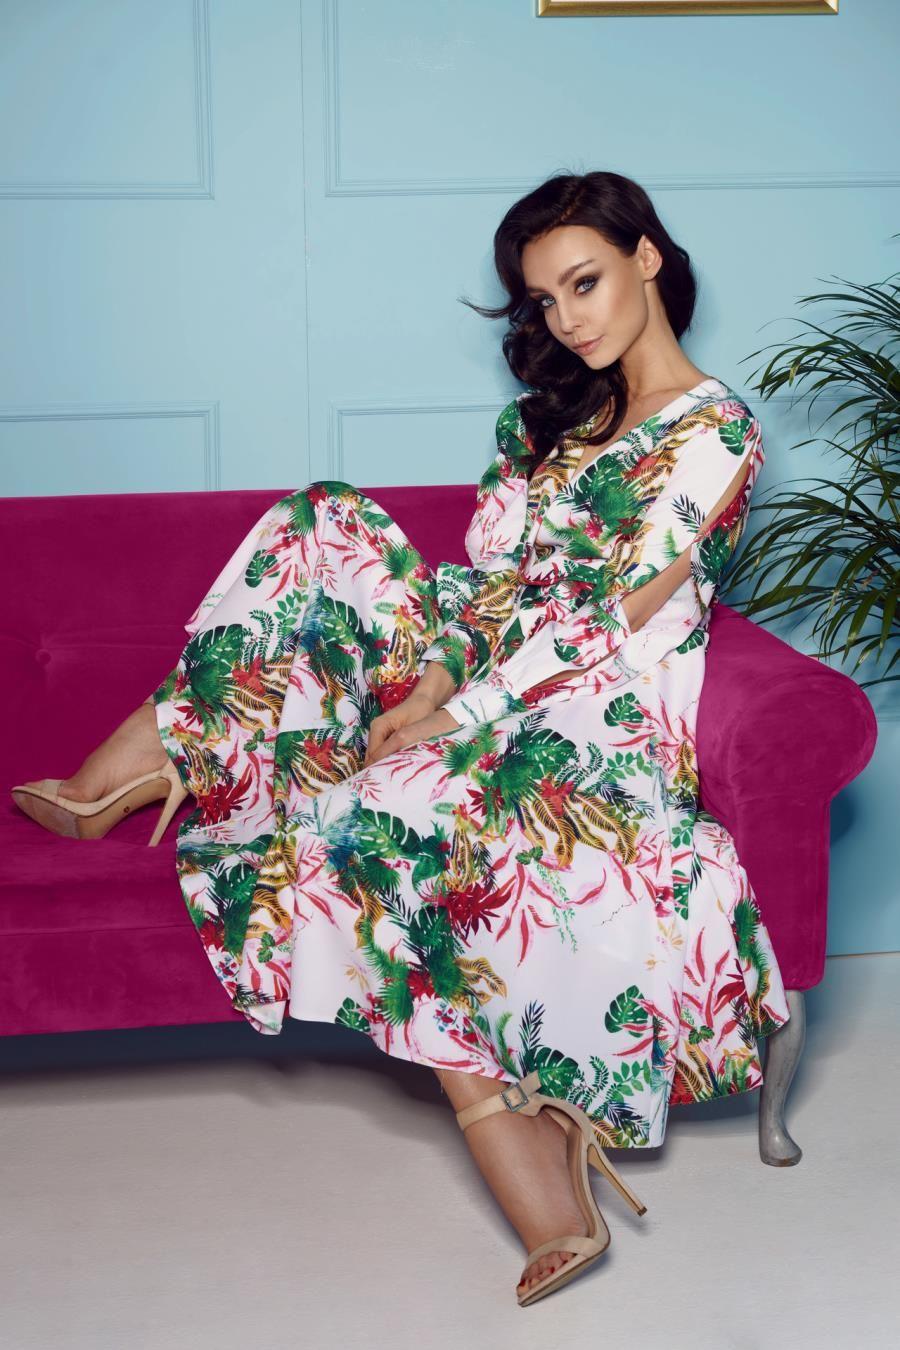 Midi Sukienka Z Kopertowym Dekoltem Biala W Kwiaty Lel302 Dresses Tropical Print Dress Midi Dress Chic